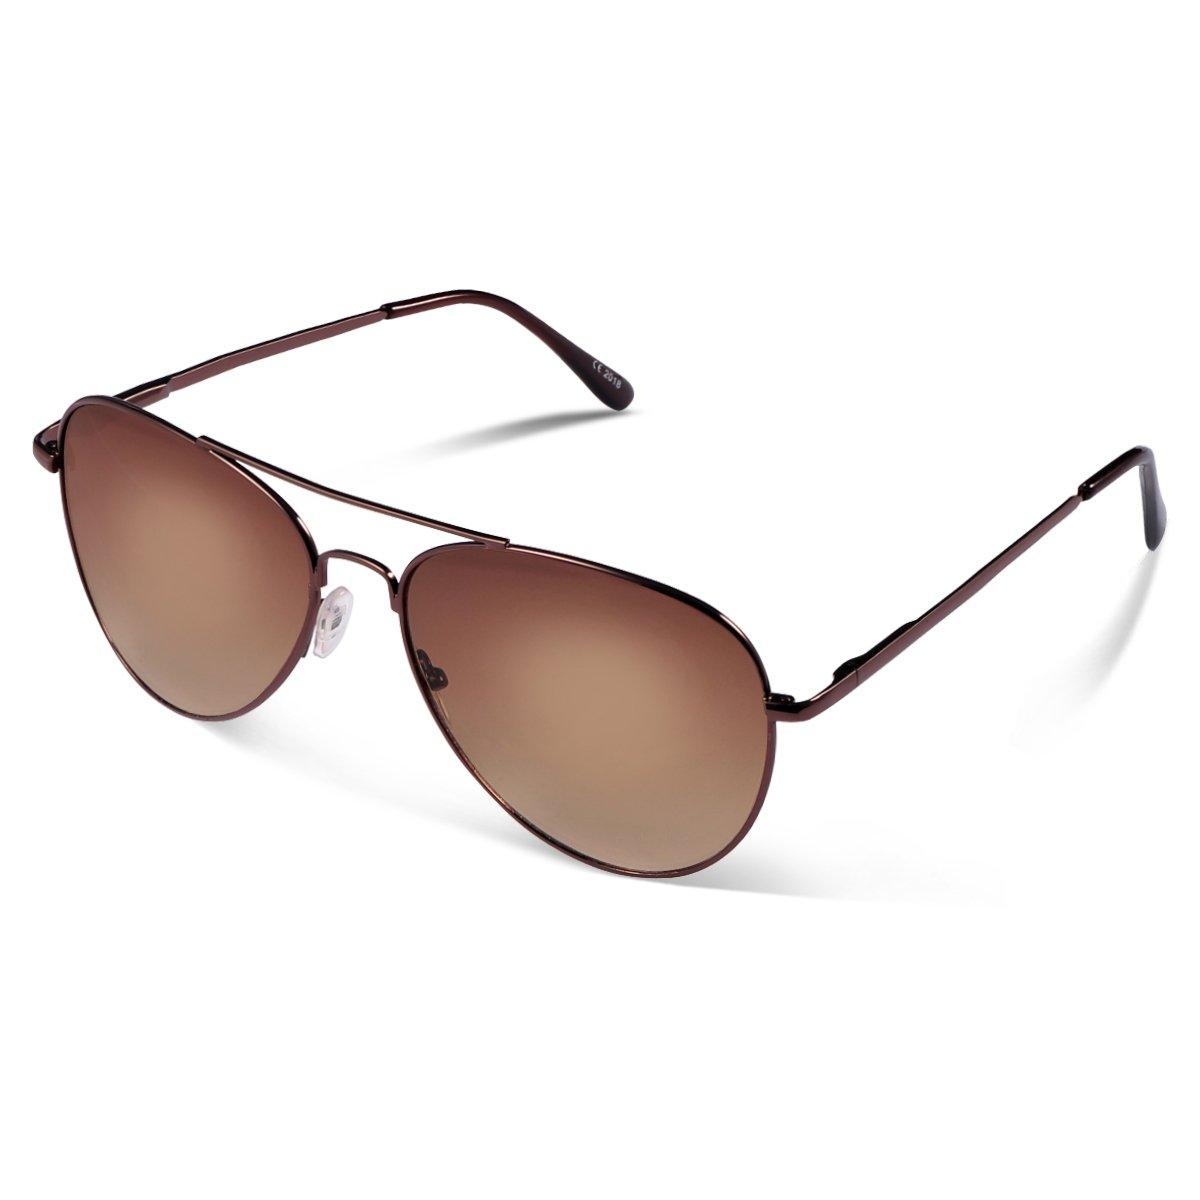 Duduma Prämie Pilotenbrille Flieger Sonnenbrille UV400 Schutz Optimal Entwurf Herren und Frauen Sonnenbrillen Du7802